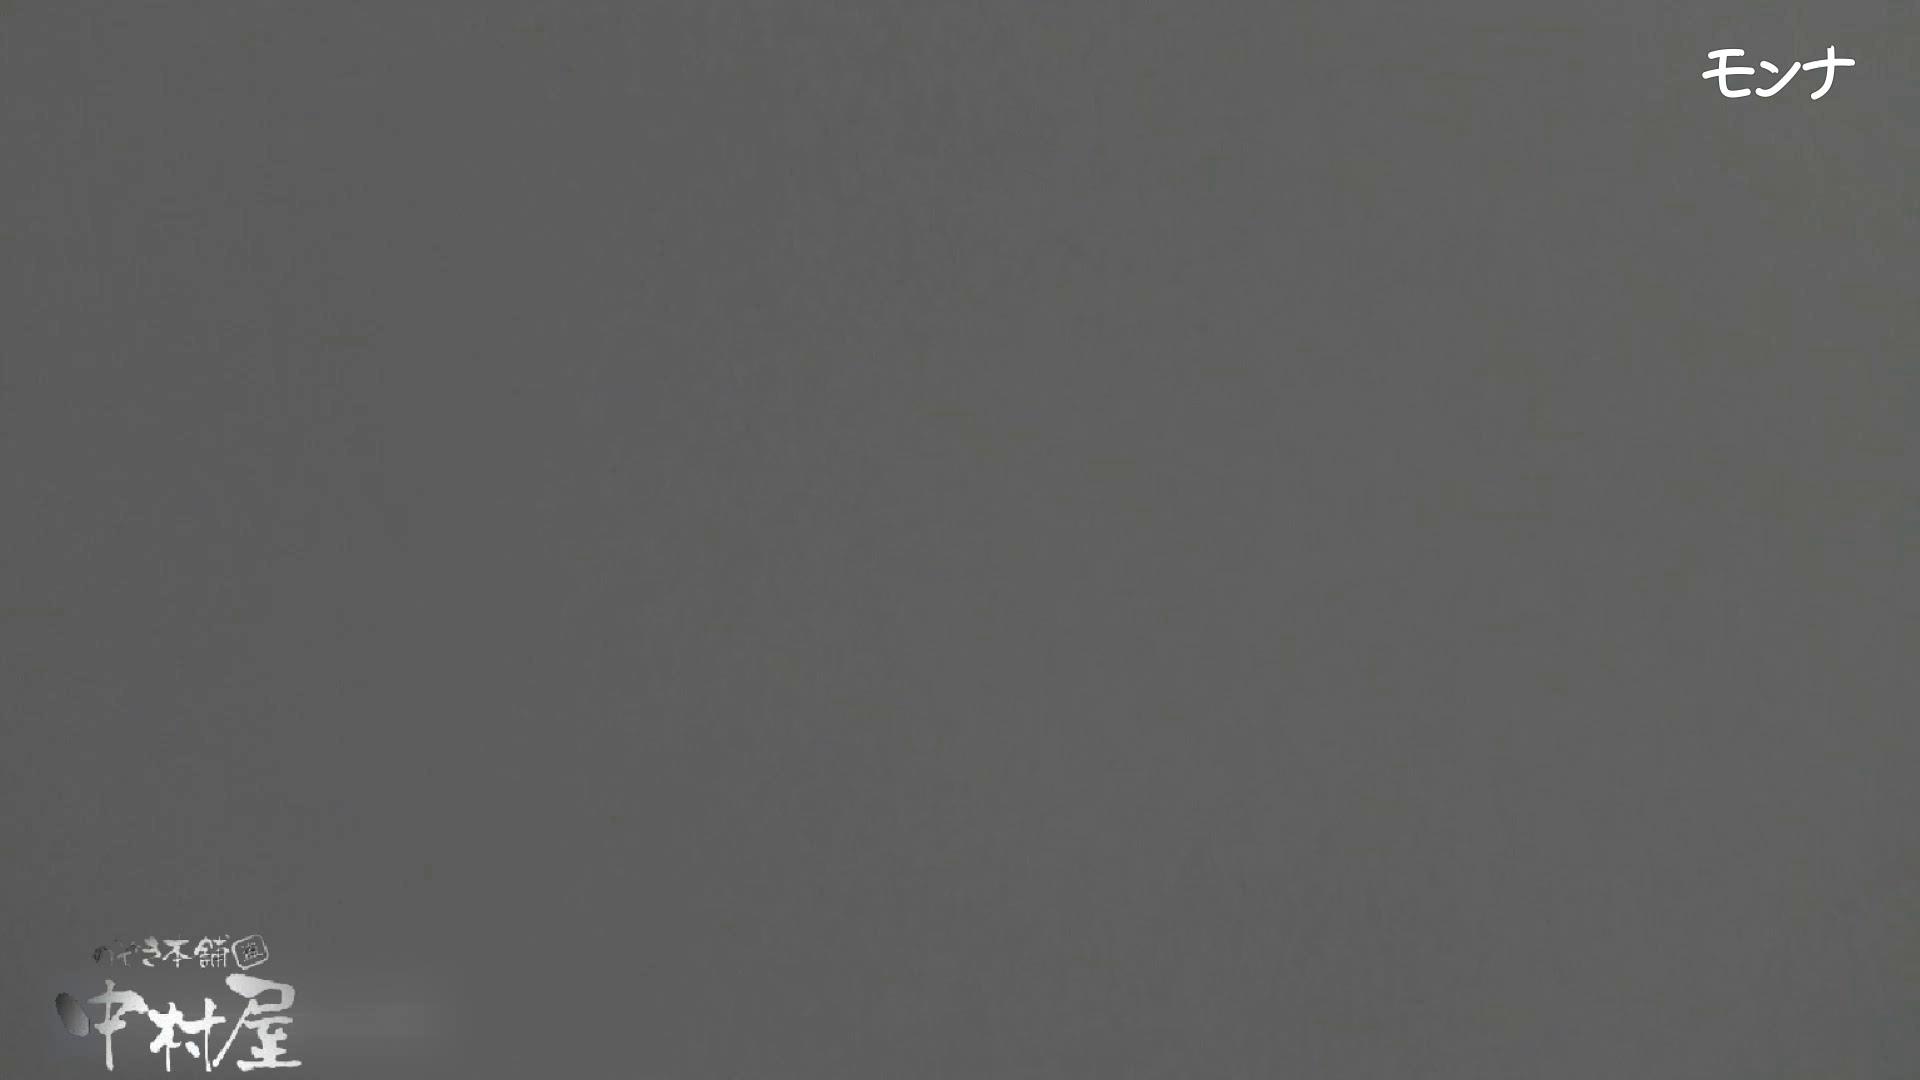 【美しい日本の未来】美しい日本の未来 No.73 自然なセクシーな仕草に感動中 覗き  89pic 75